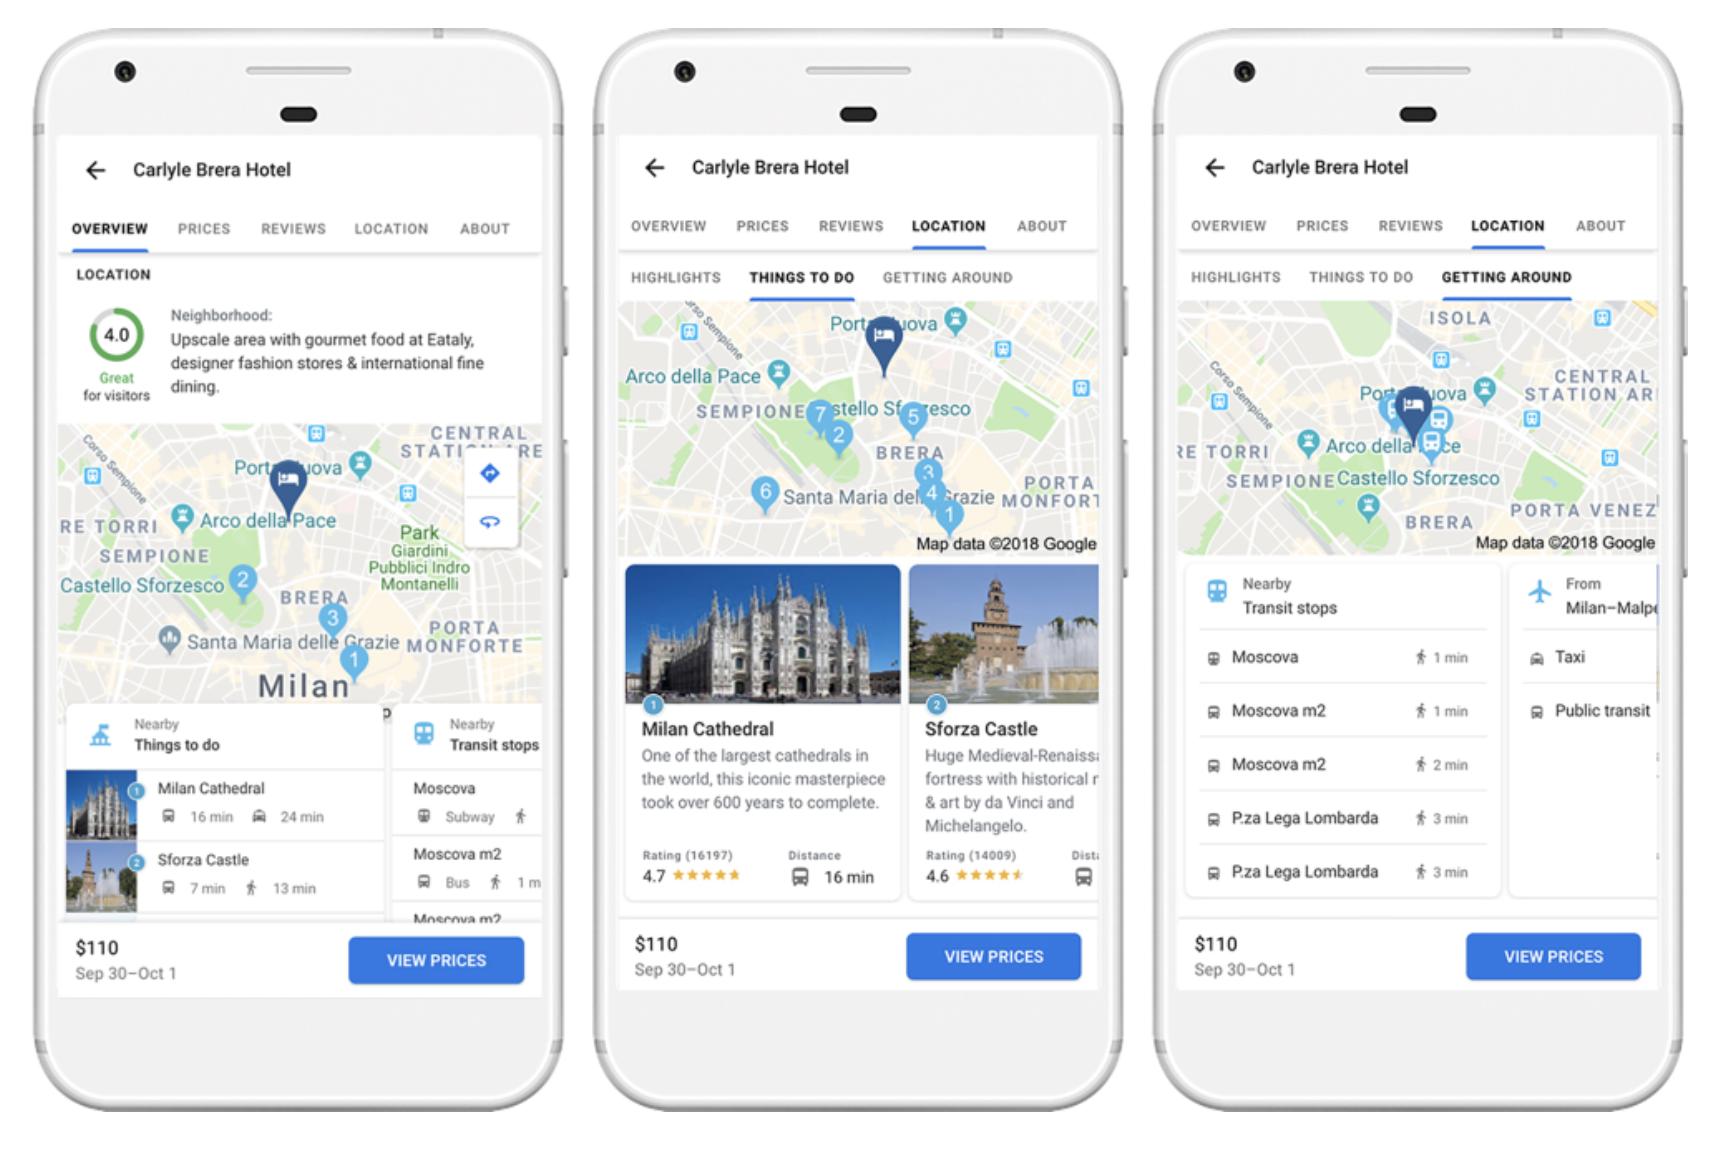 गूगलले मोबाइलका लागि आफ्नो 'ट्रिप' एप बन्द गर्दै, अब ट्राभल पेजमा केन्द्रित